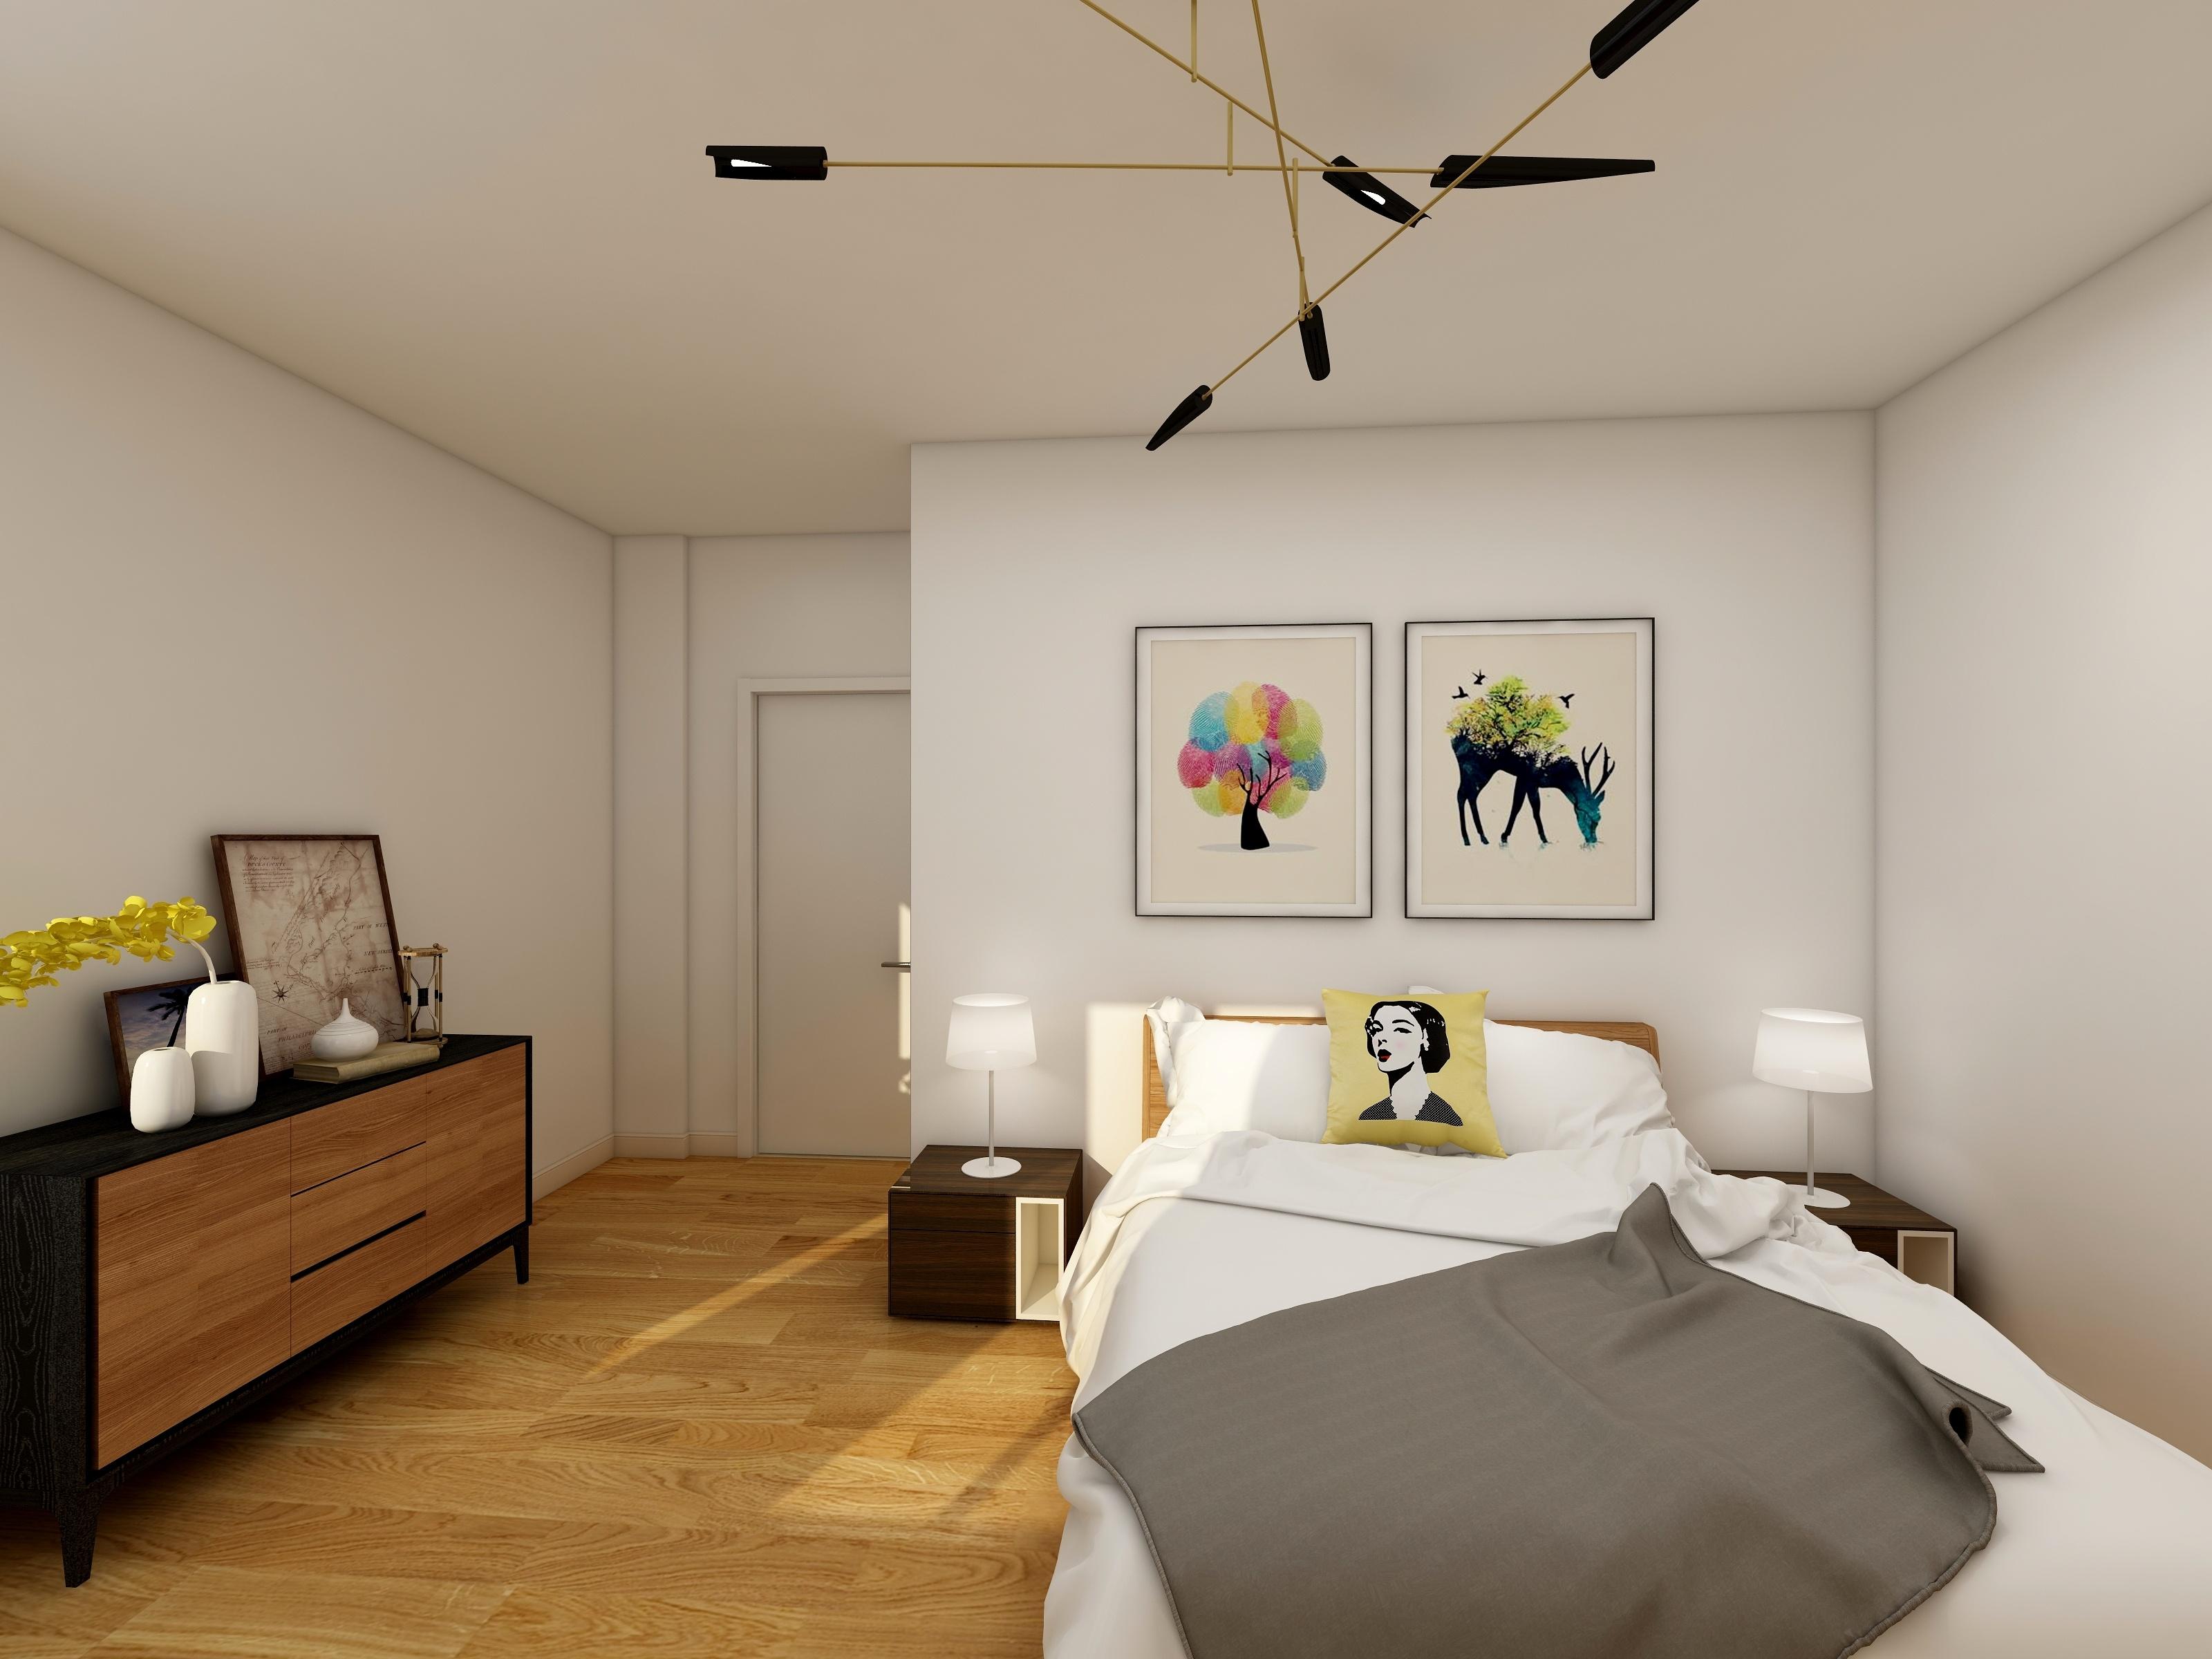 主卧效果图2——业之峰装饰两室两厅平米现代简约风